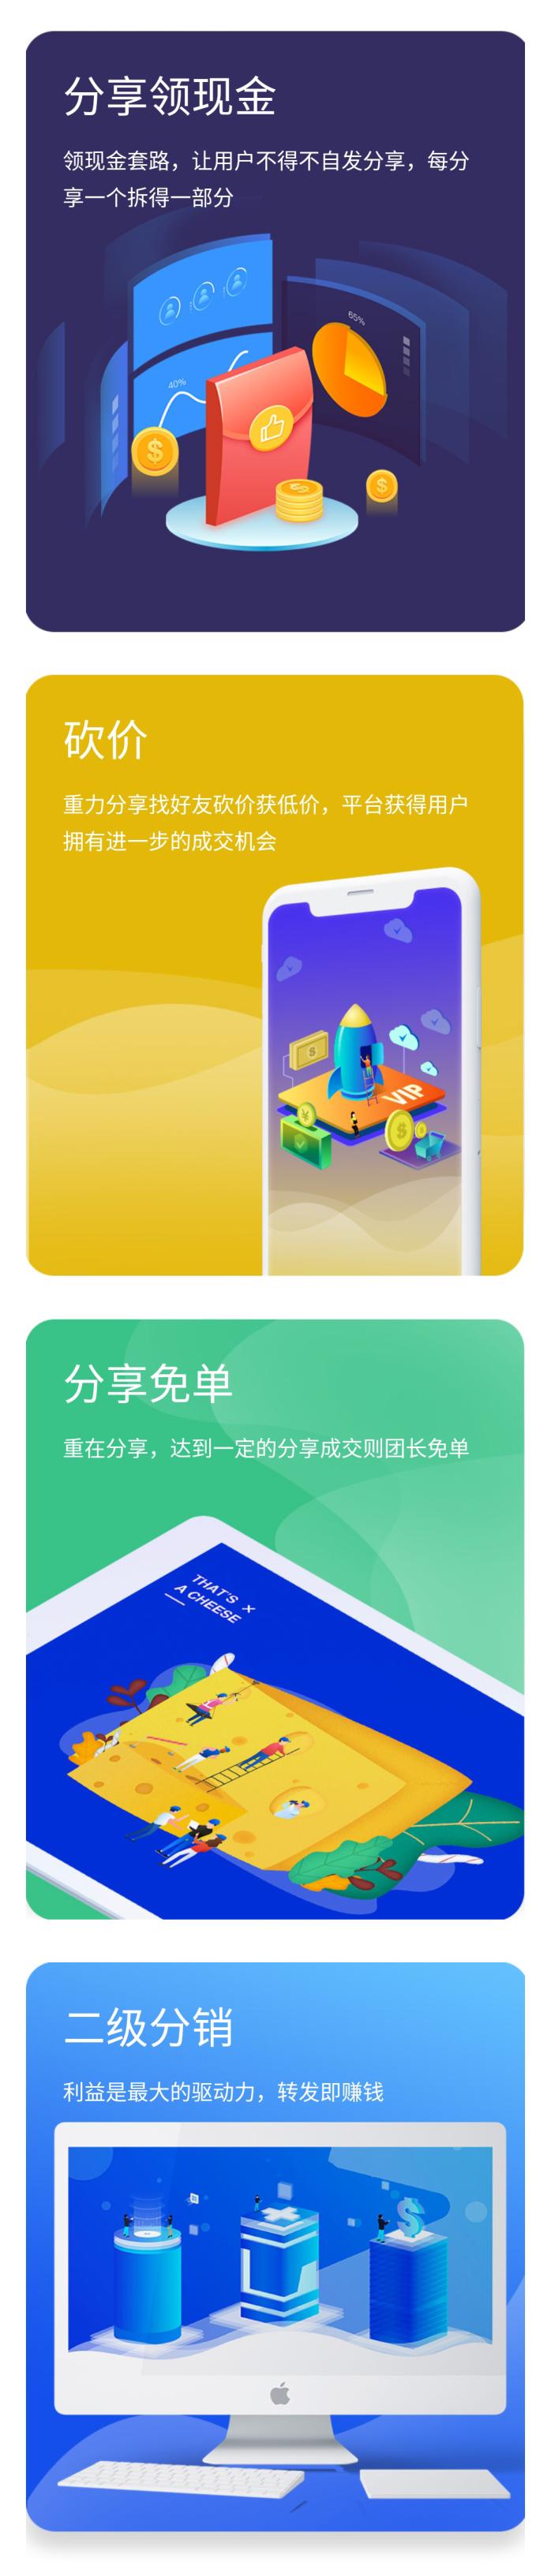 分销程序系统02.jpg